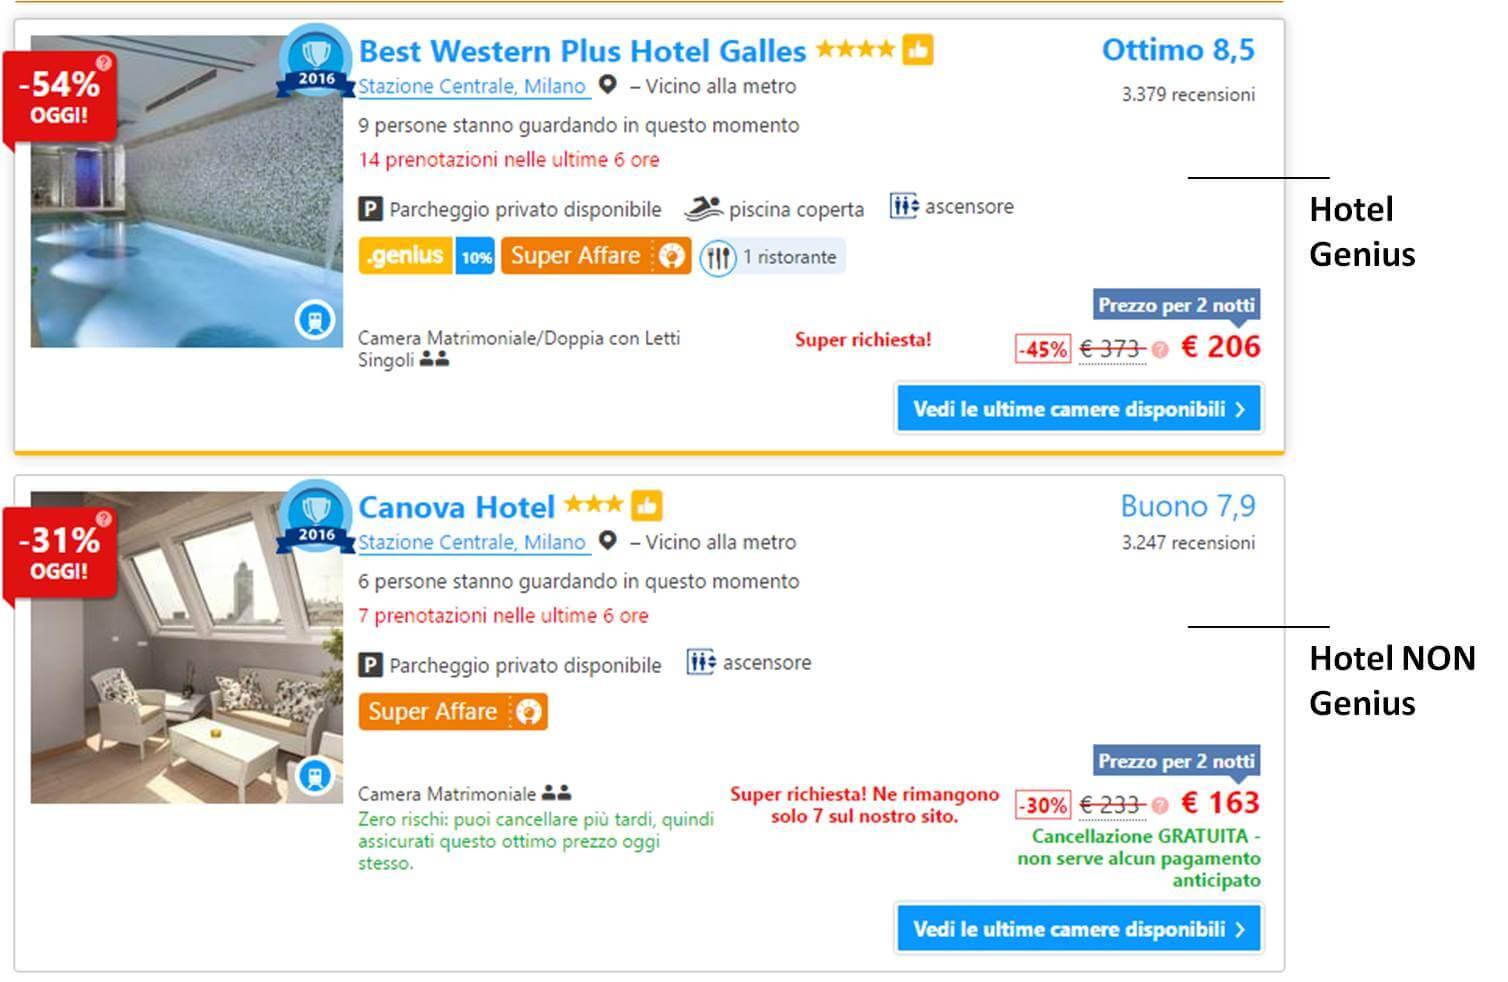 Lista Risultati Hotel Genius vs NON Genius